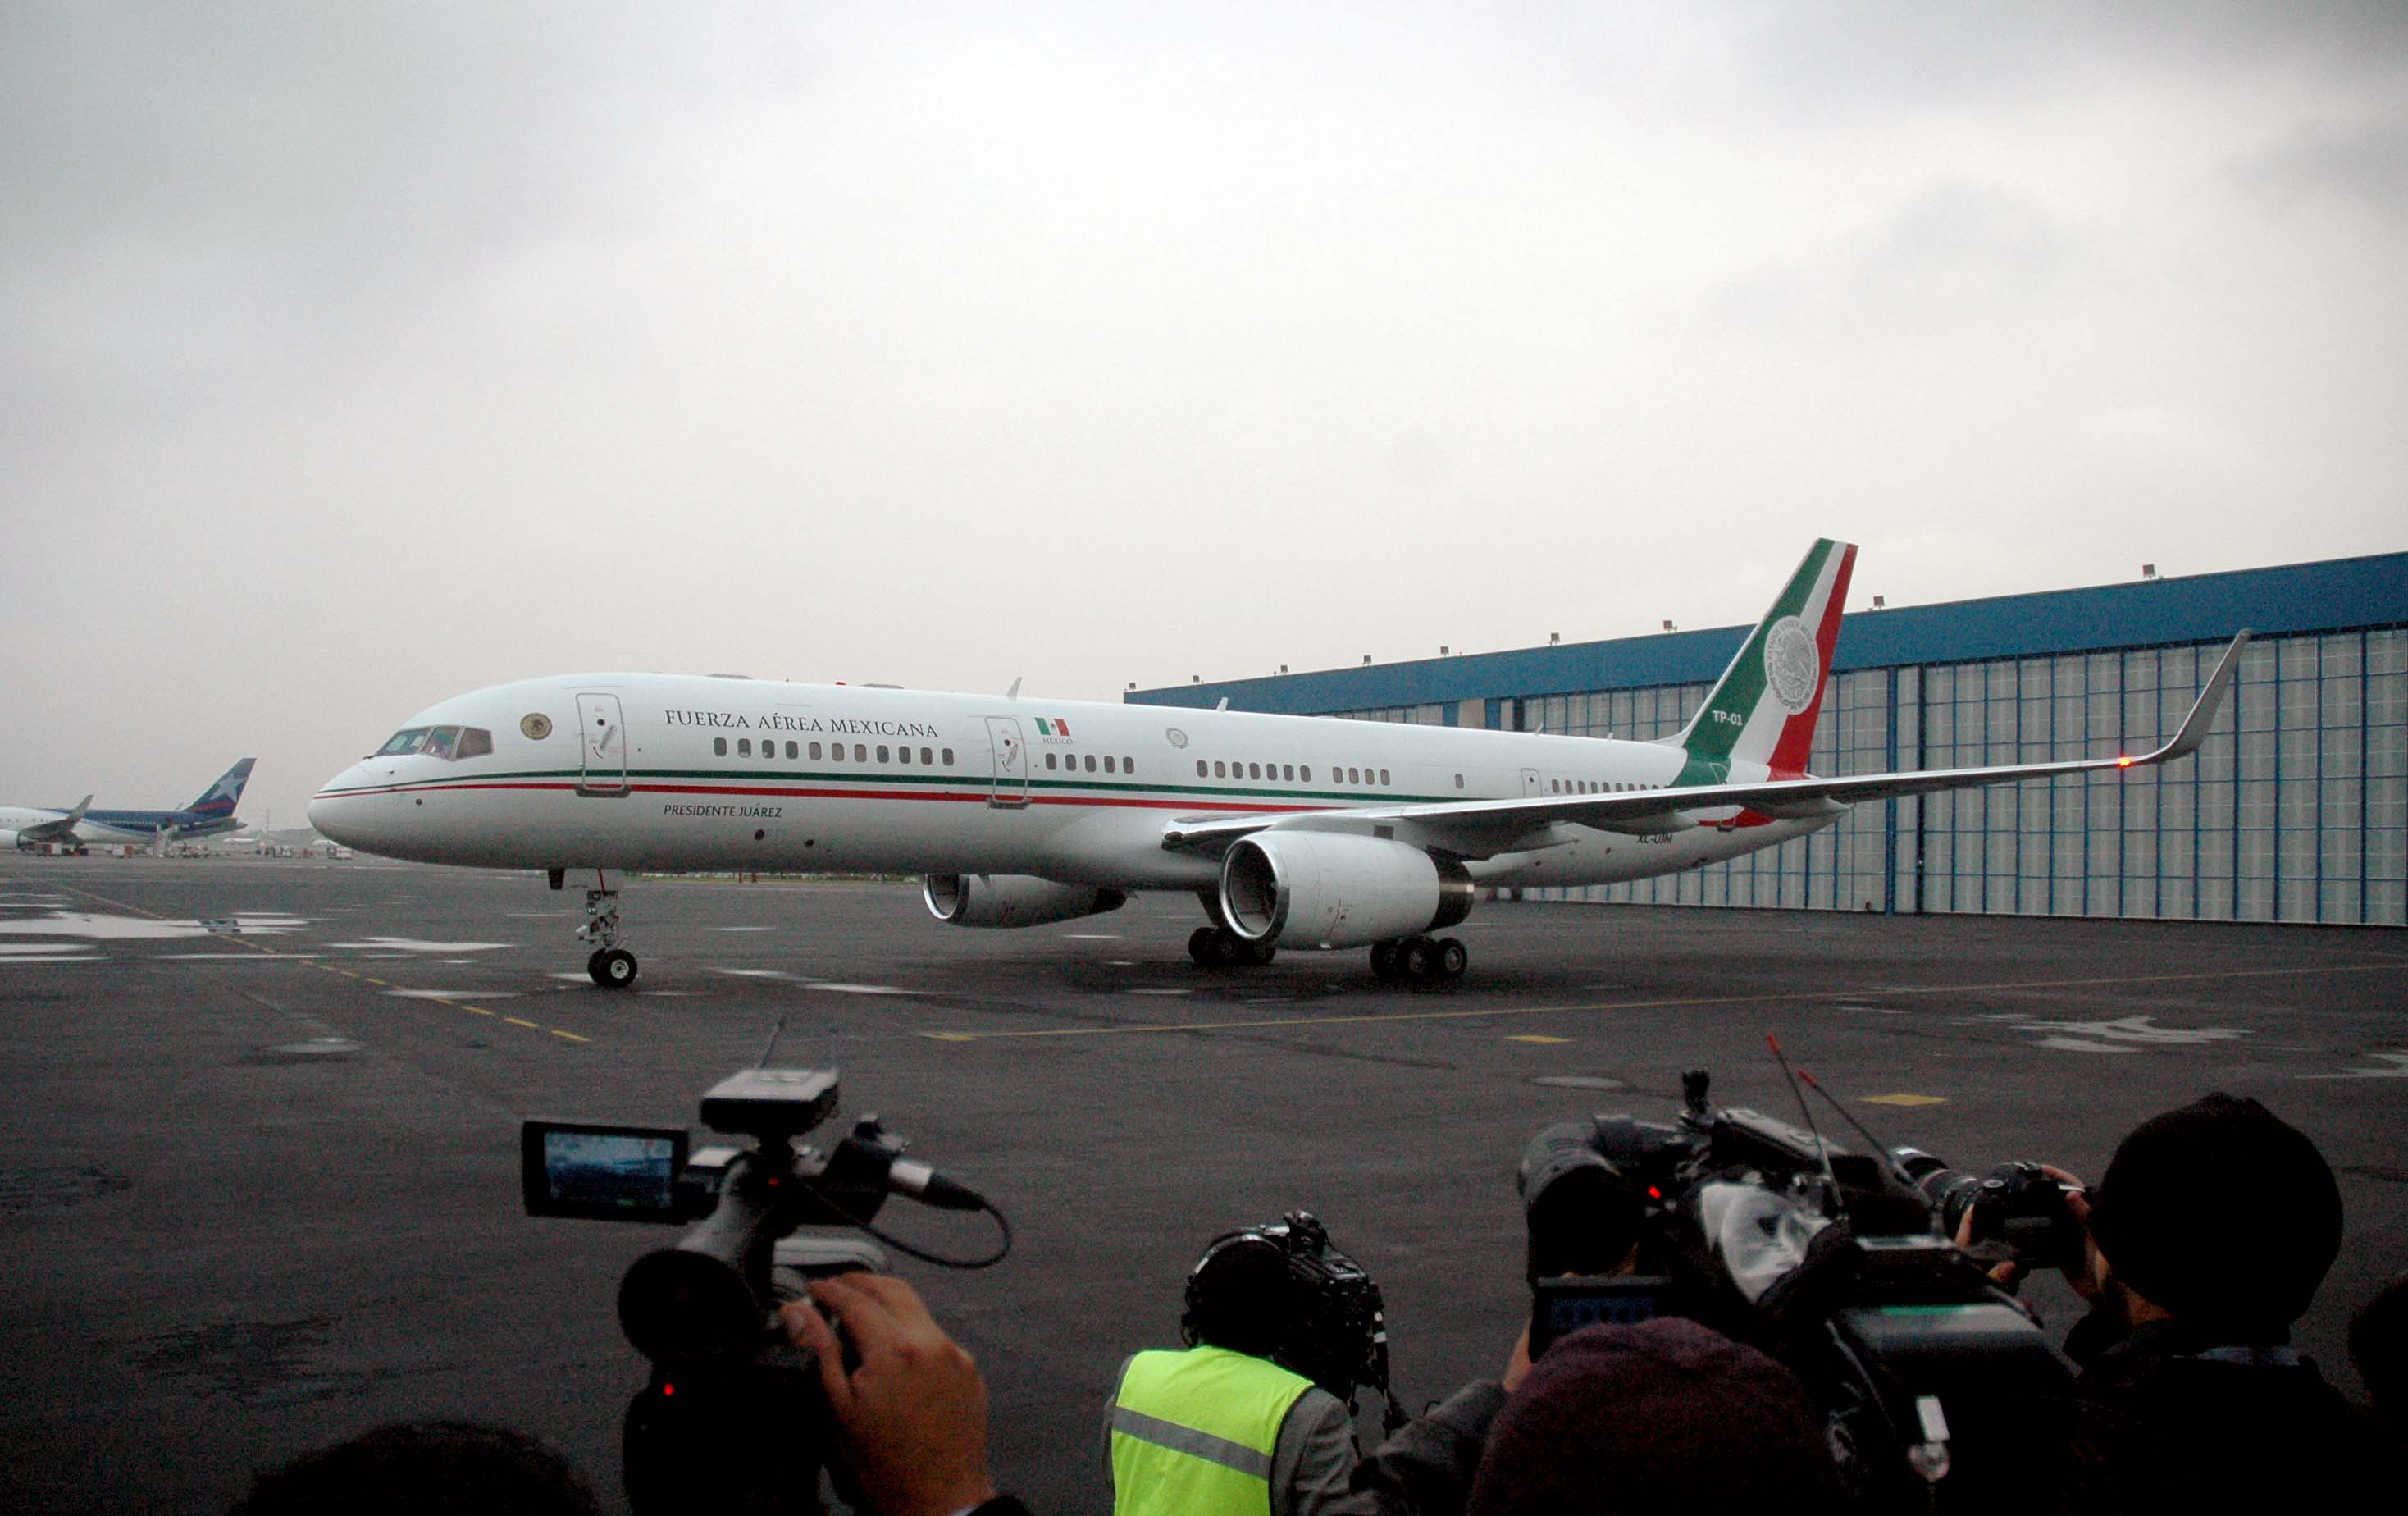 Los seis connacionales que sobrevivieron al ataque del que fueron objeto un grupo de turistas mexicanos el pasado 13 de septiembre, en Egipto, arribaron la mañana de este viernes a la ciudad de México, a bordo del avión presidencial.